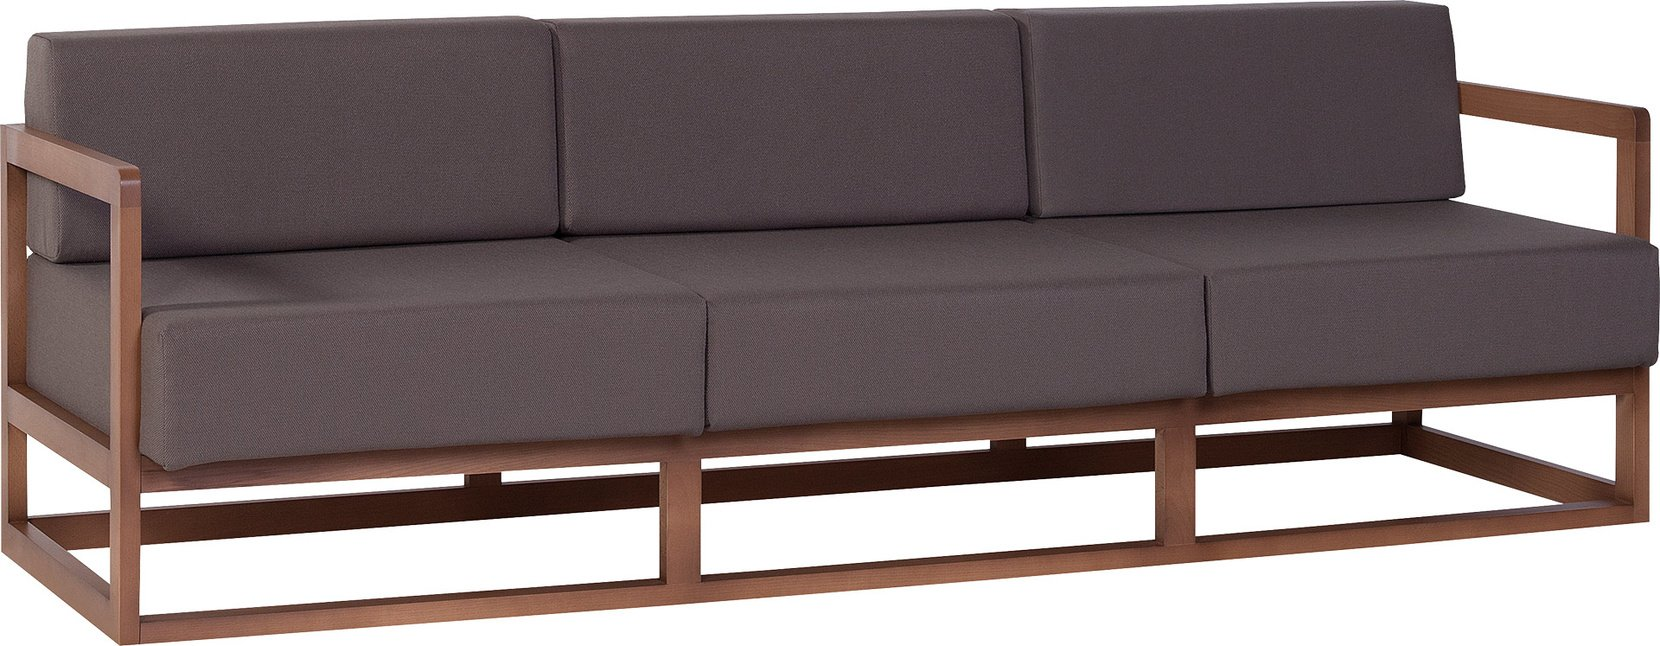 Καναπές Mio τριθέσιος